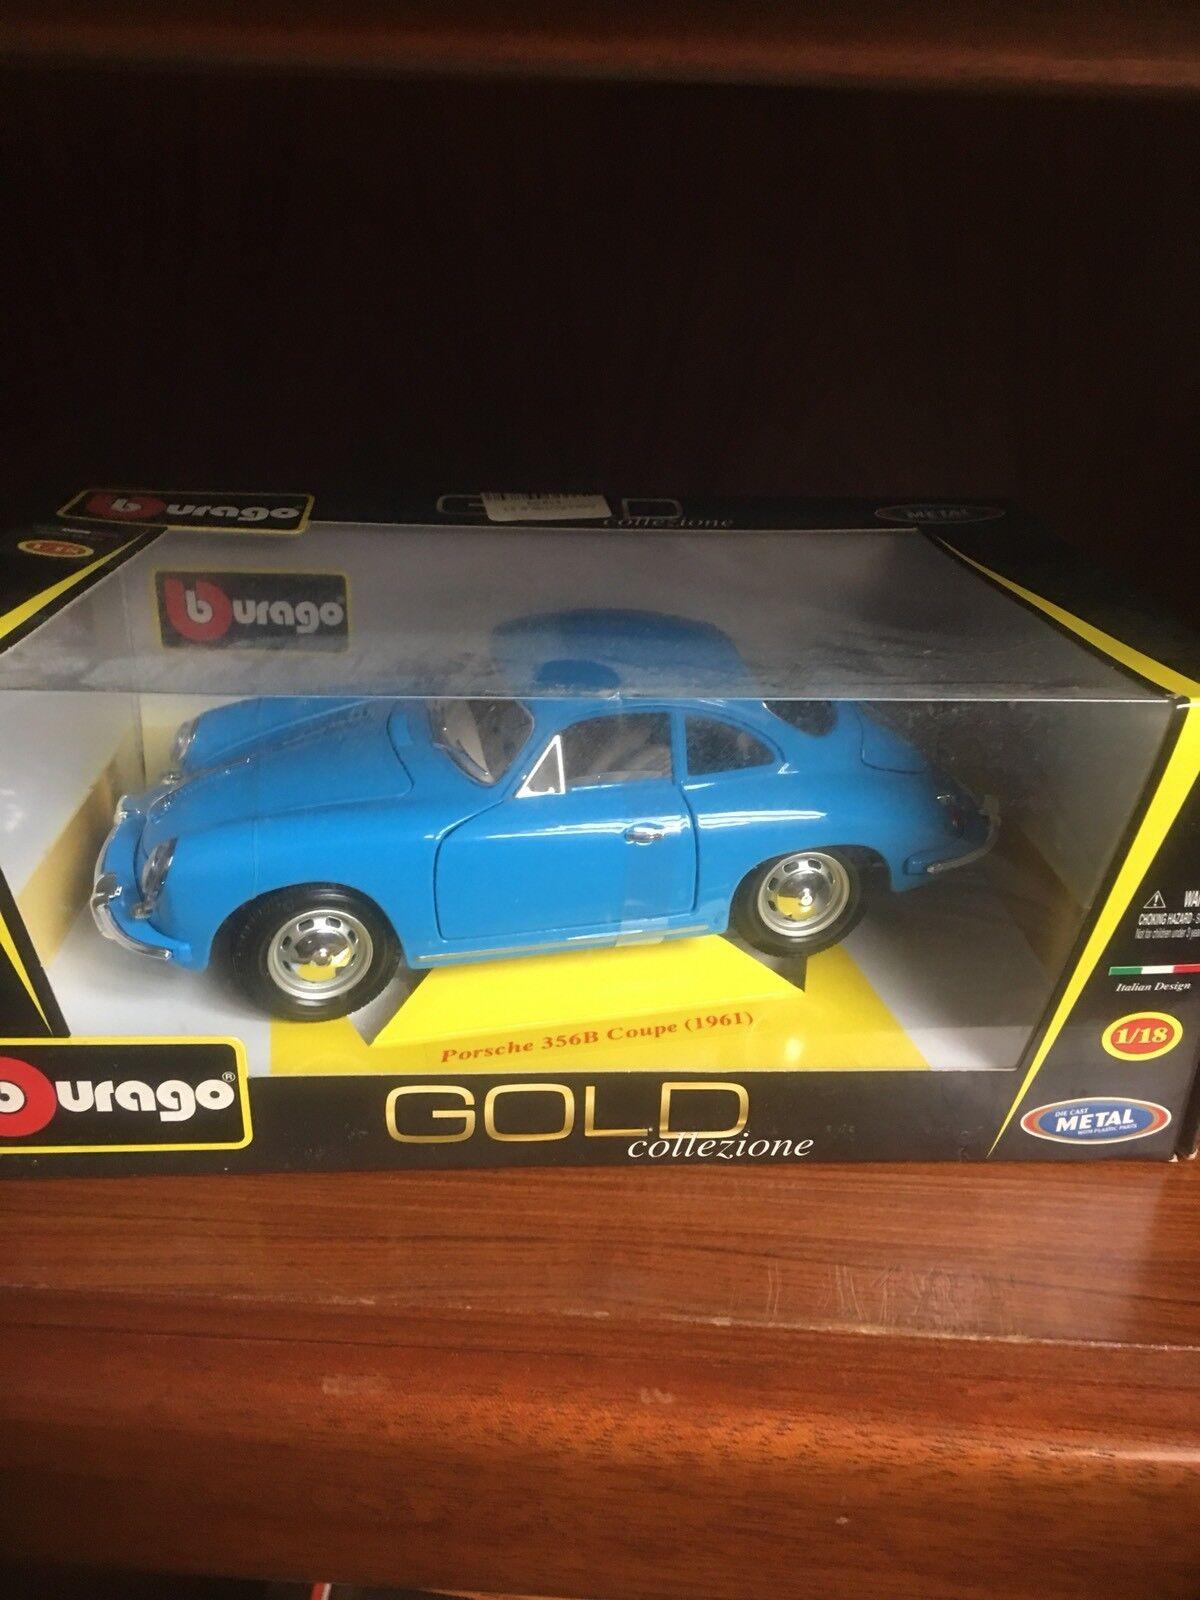 Porsche 356B 356B 356B Coupe 1961 Burago gold Collezione Italian Design 1 18 16158a